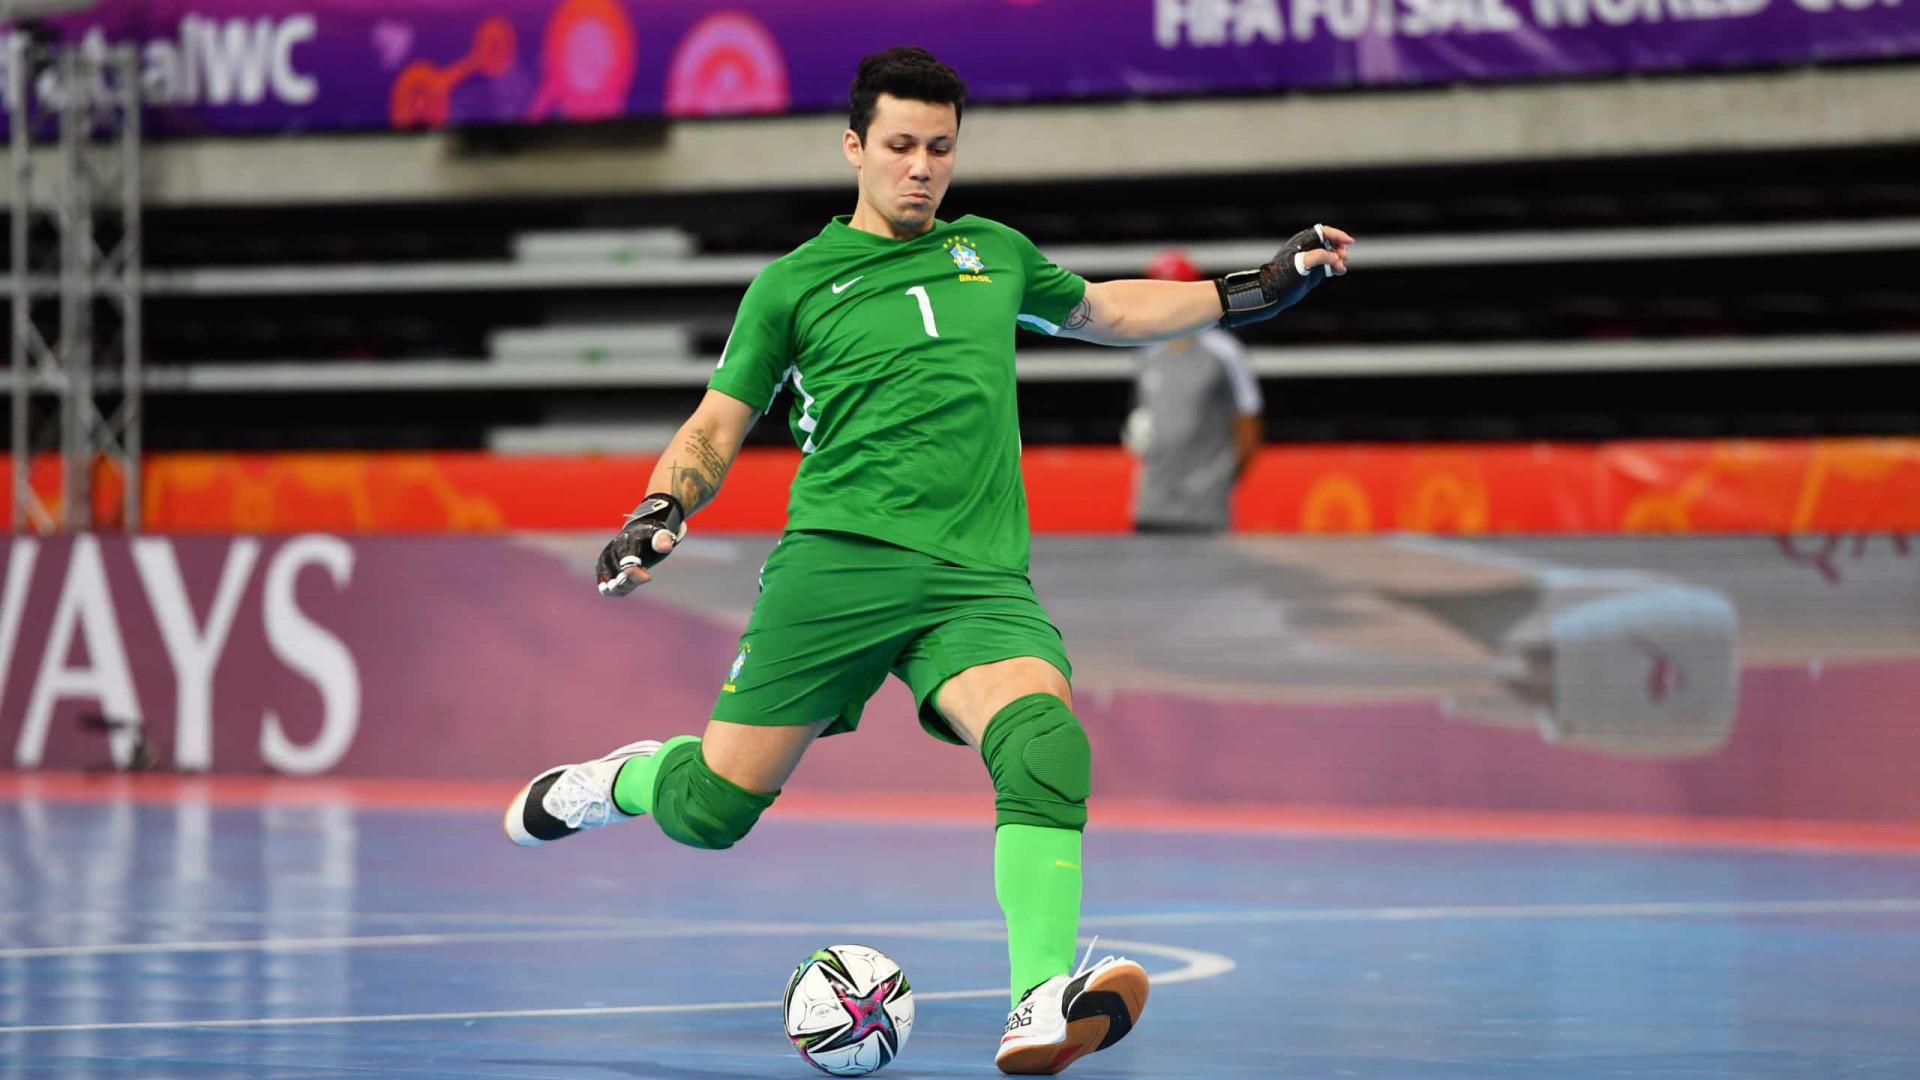 Melhor goleiro do mundo, brasileiro Guitta destaca evolução do futsal no Mundial